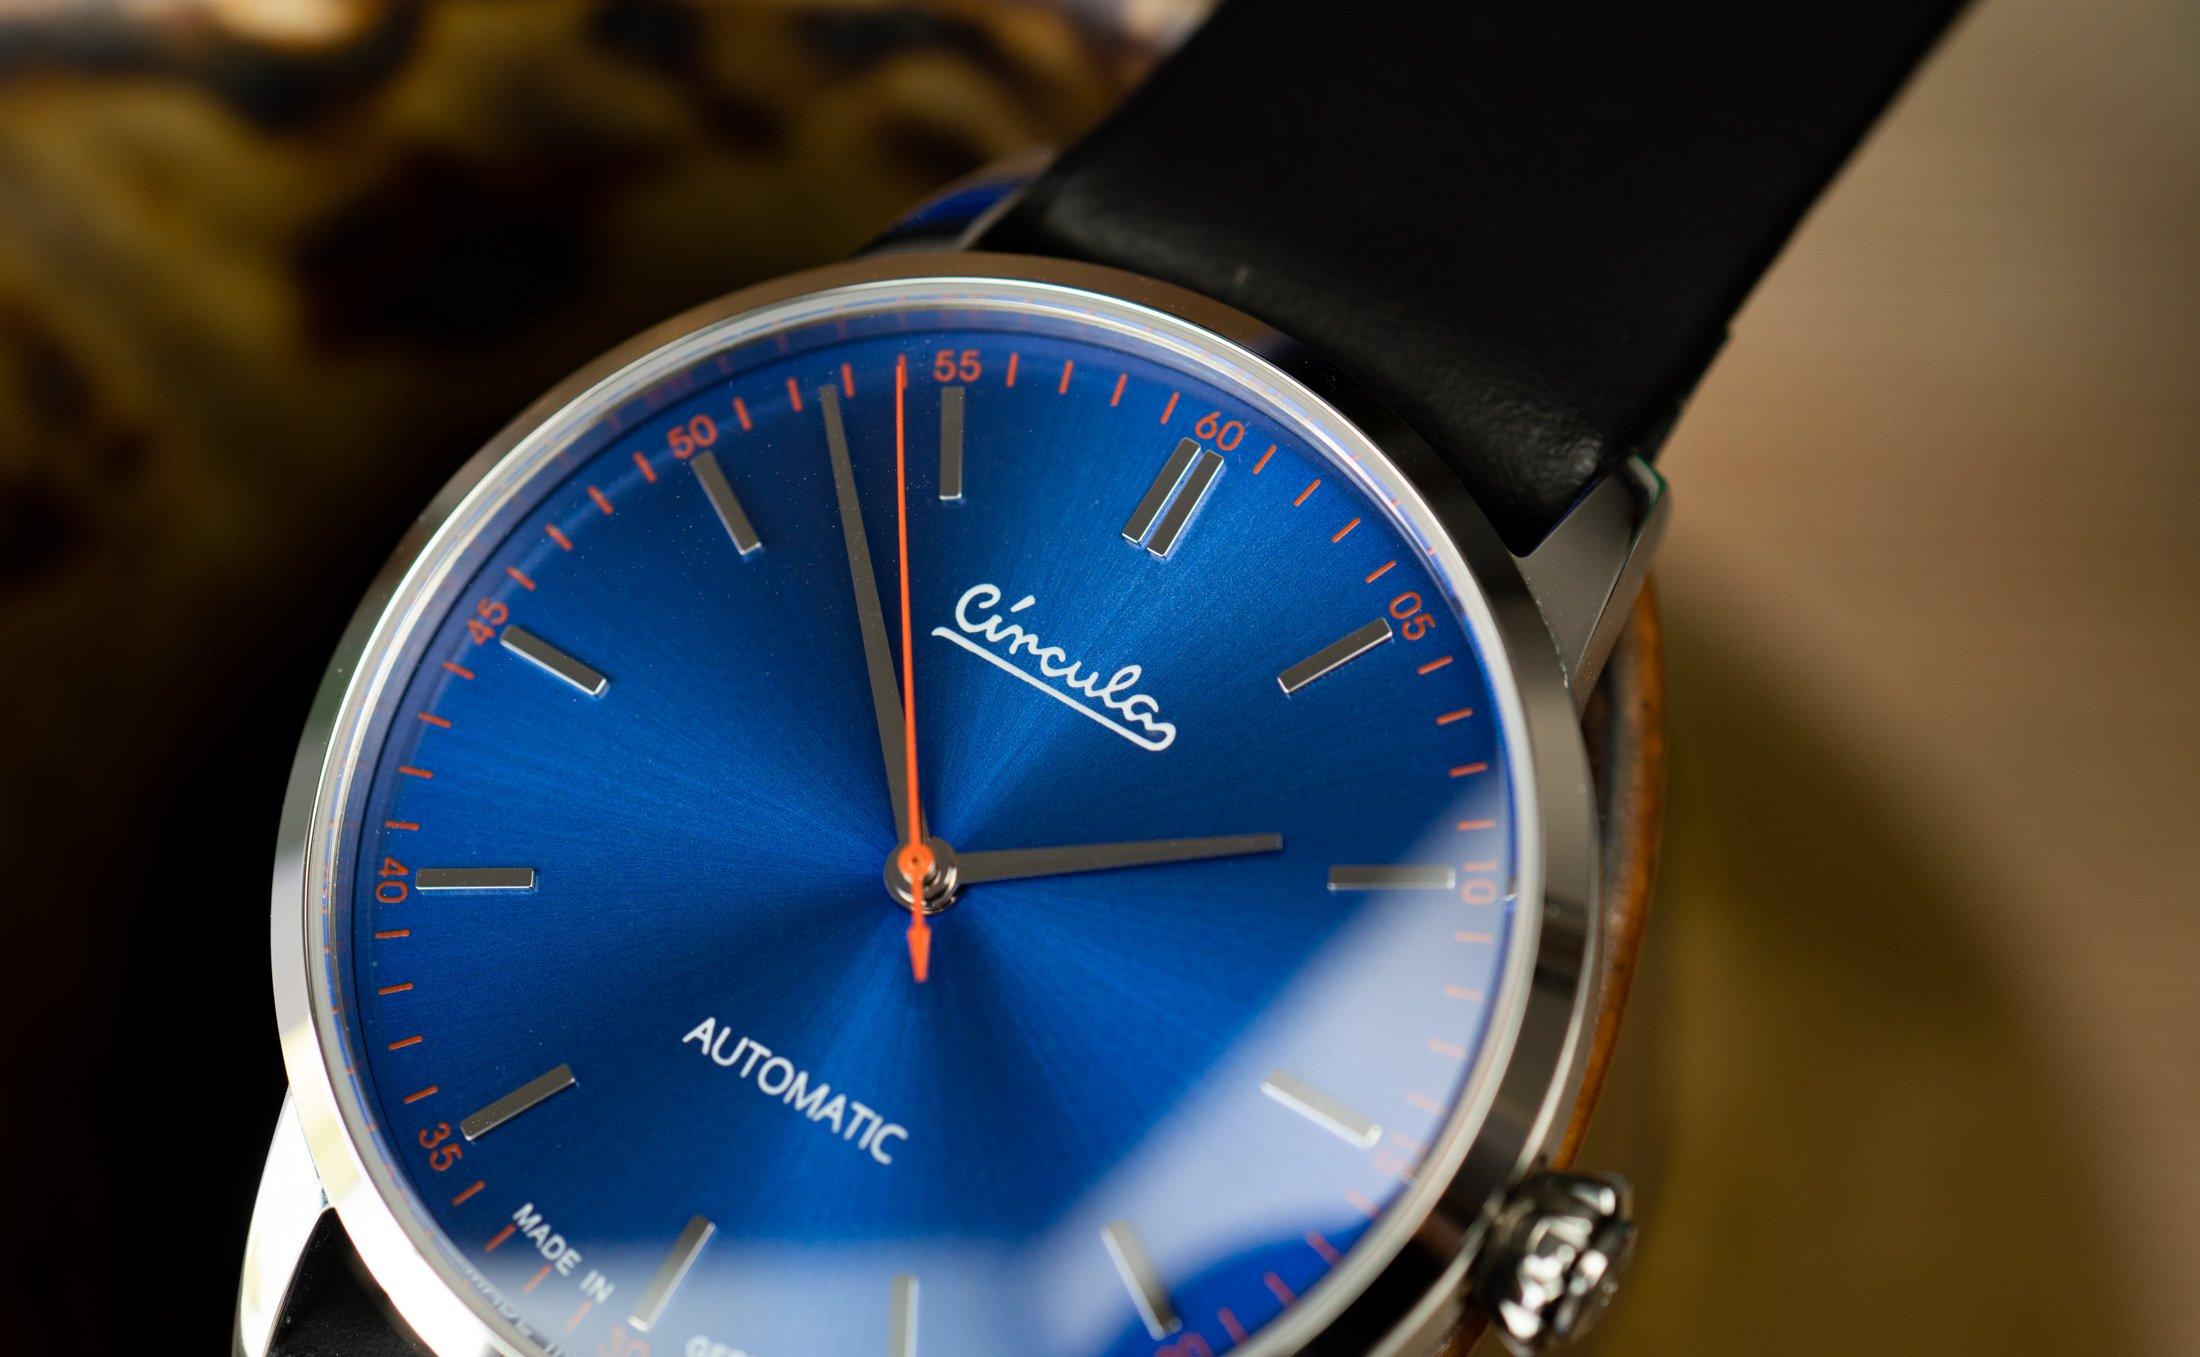 Circula-Klassik-Automatik-blau-Test-Uhr